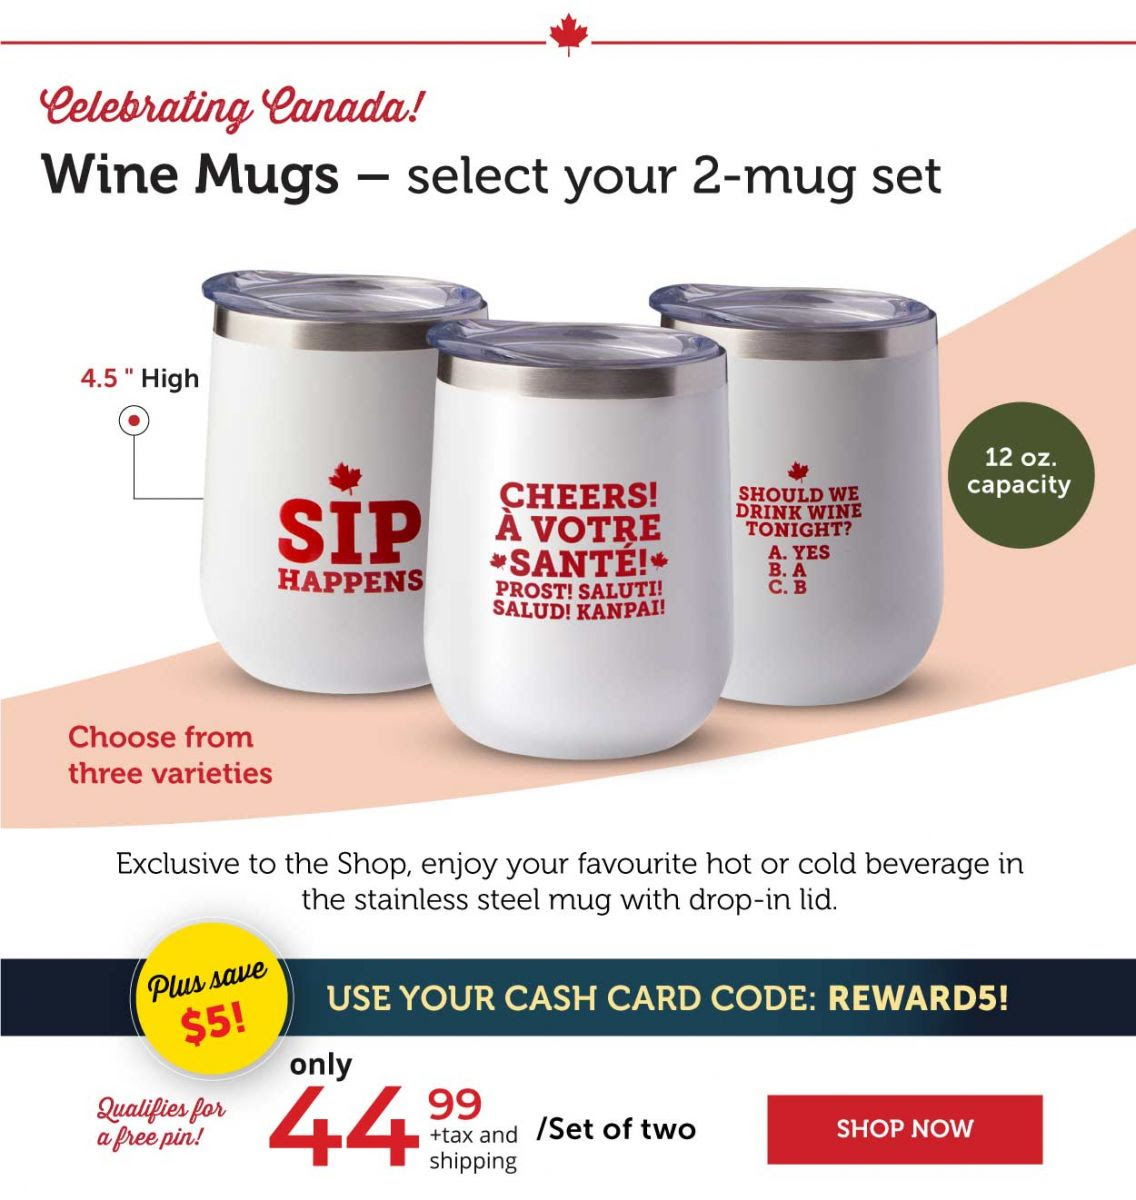 celebrating Canada wine mugs